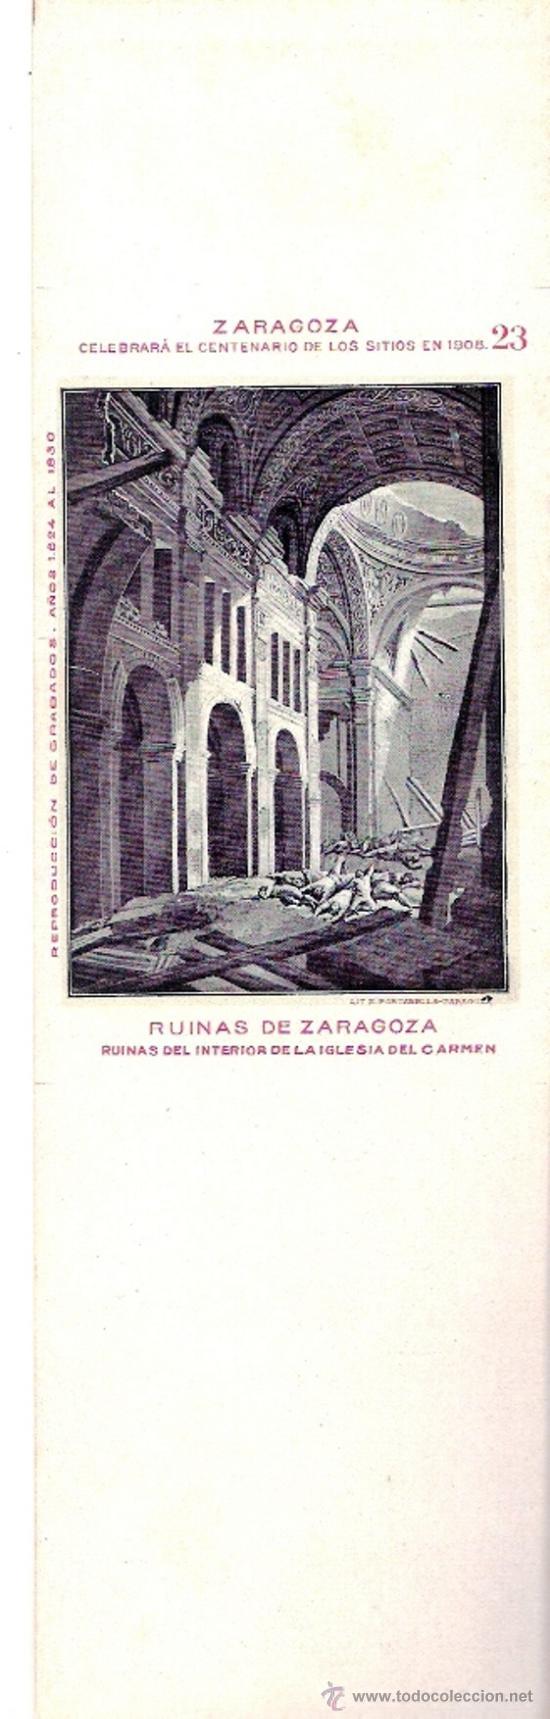 TARJETA POSTAL DE ZARAGOZA. CENTENARIO DE LOS SITIOS 1908. Nº 23. RUINAS DE ZARAGOZA. (Postales - España - Aragón Antigua (hasta 1939))